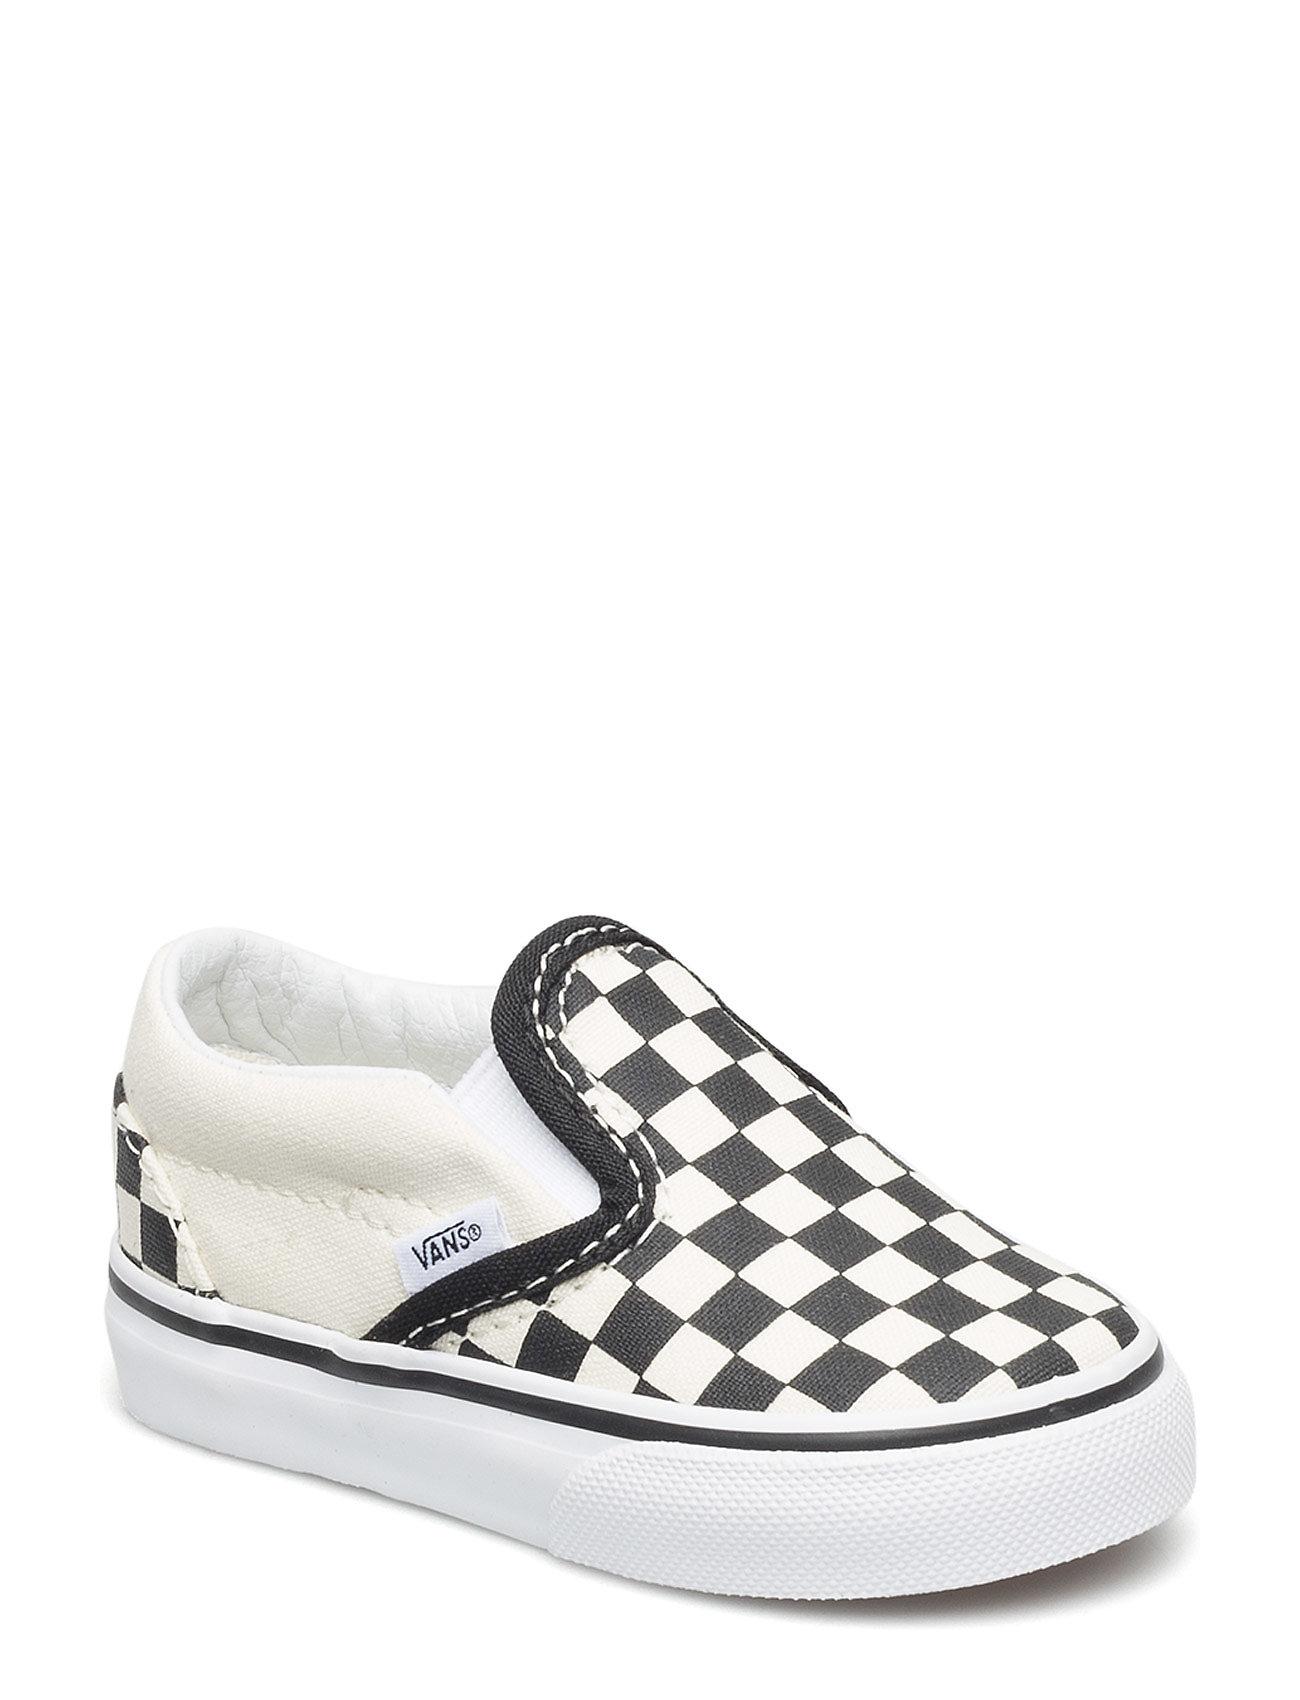 Td Classic Slip-On Sneakers Sko VANS